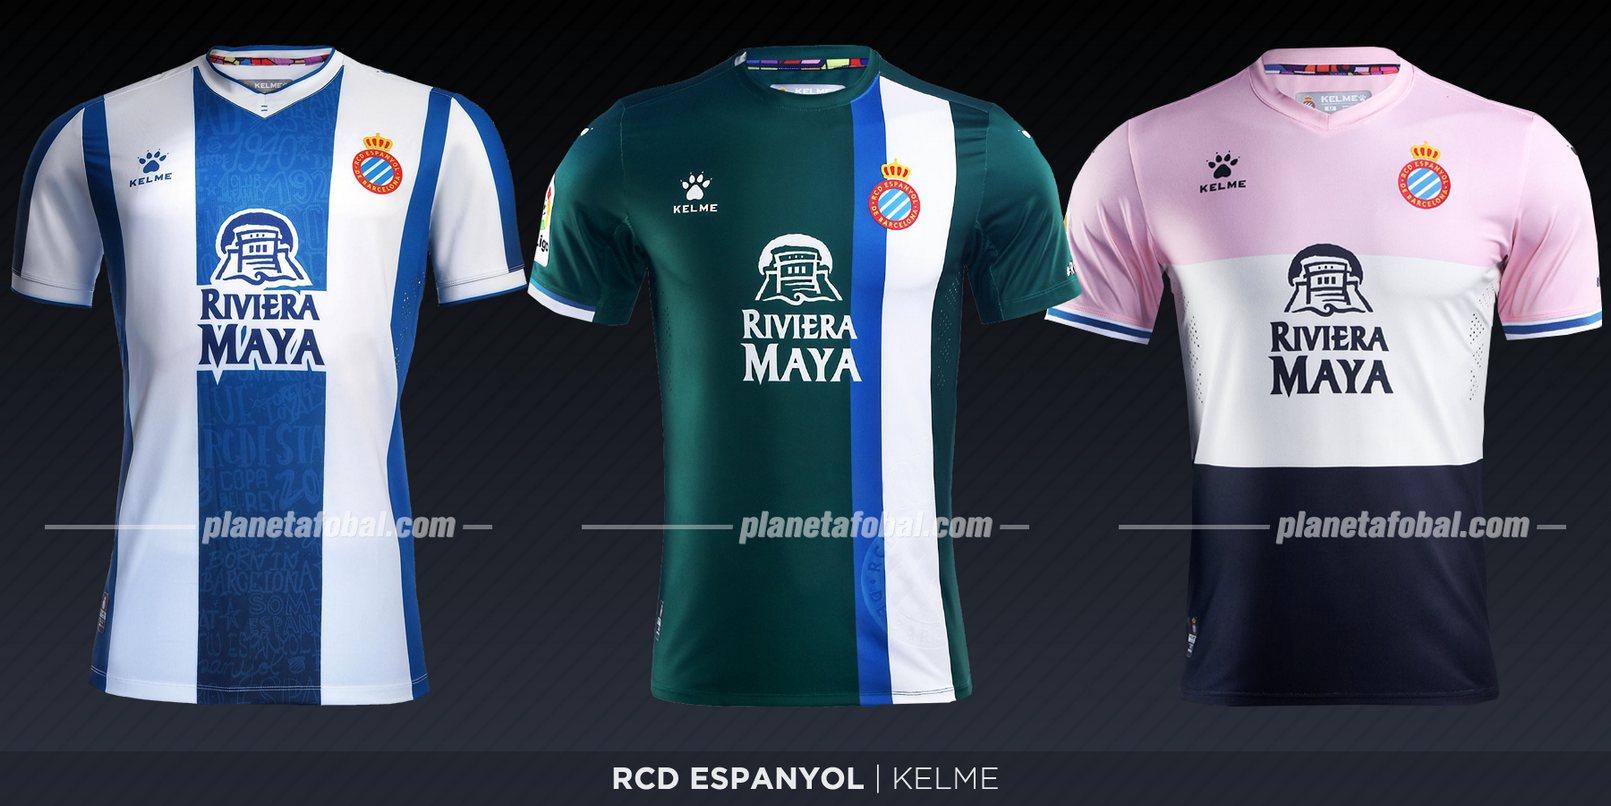 Espanyol (Kelme) | Camisetas de LaLiga 2019-2020